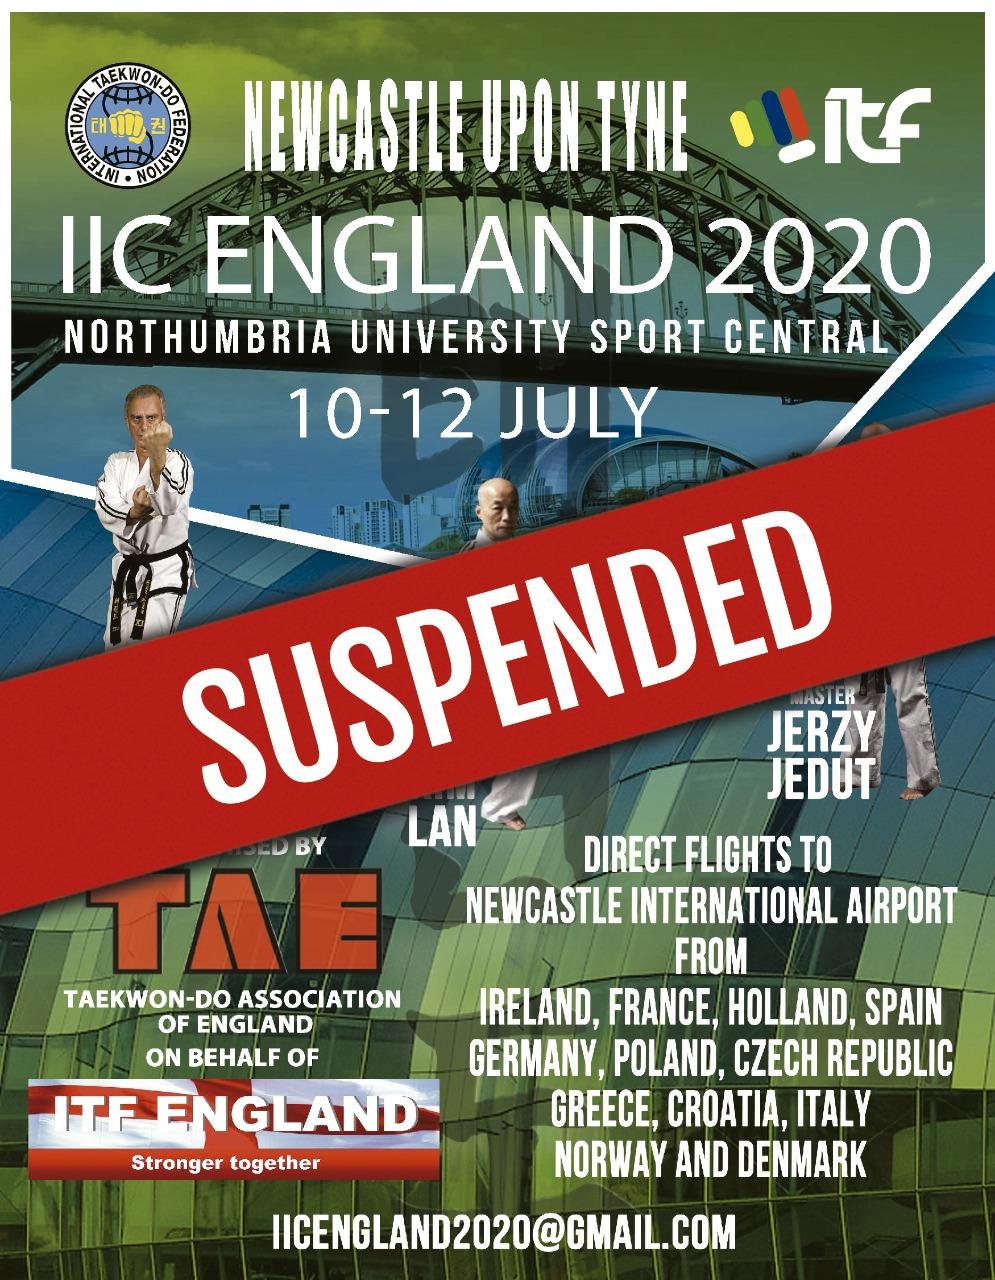 England-IIC-suspended-2020